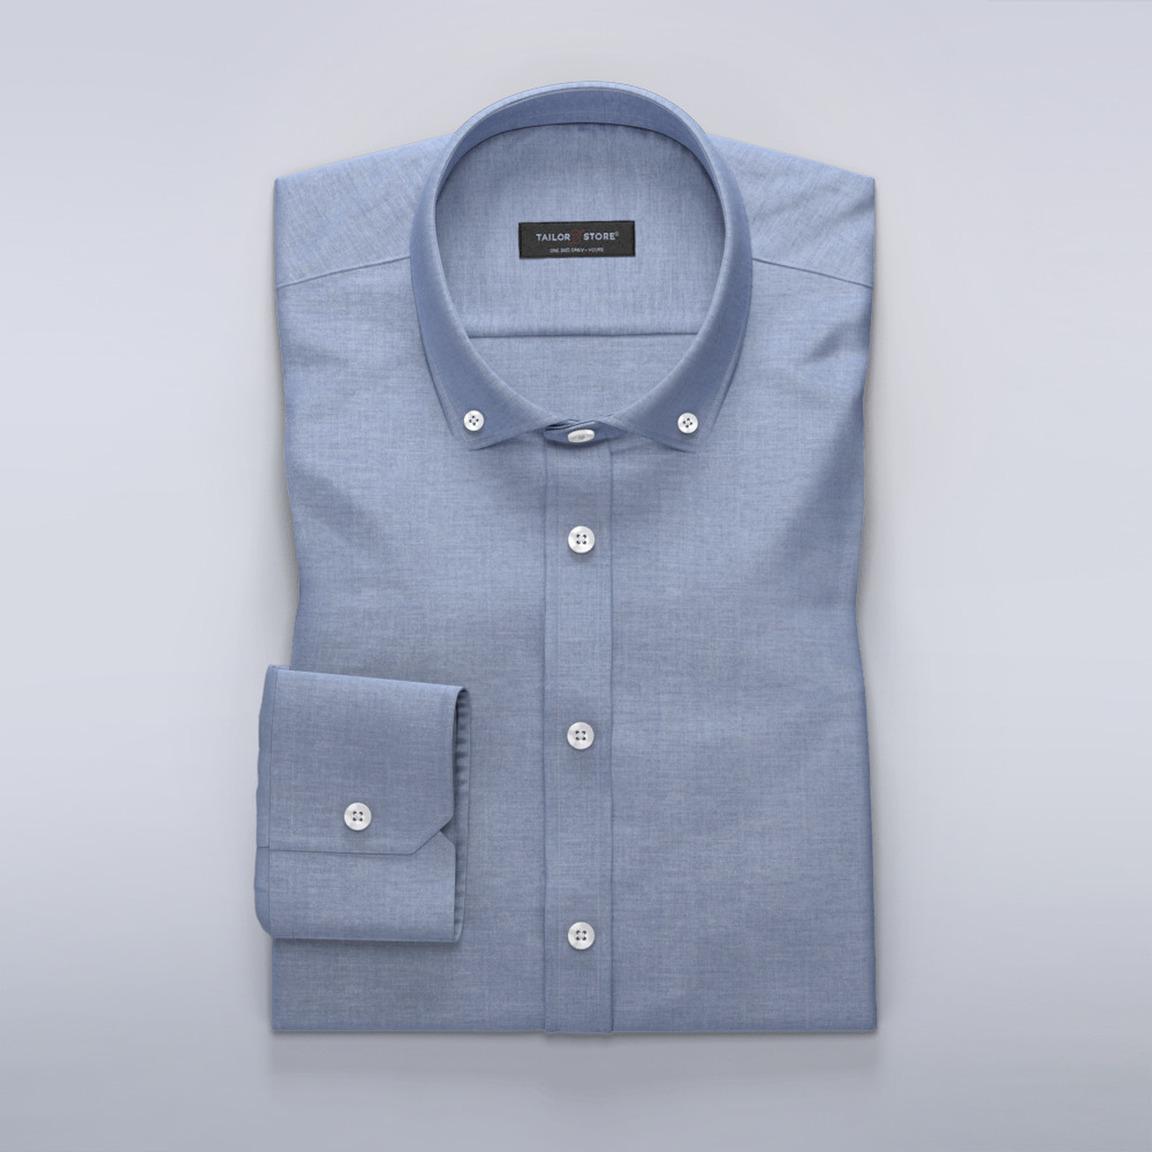 Odin collection - denim blue dress shirt